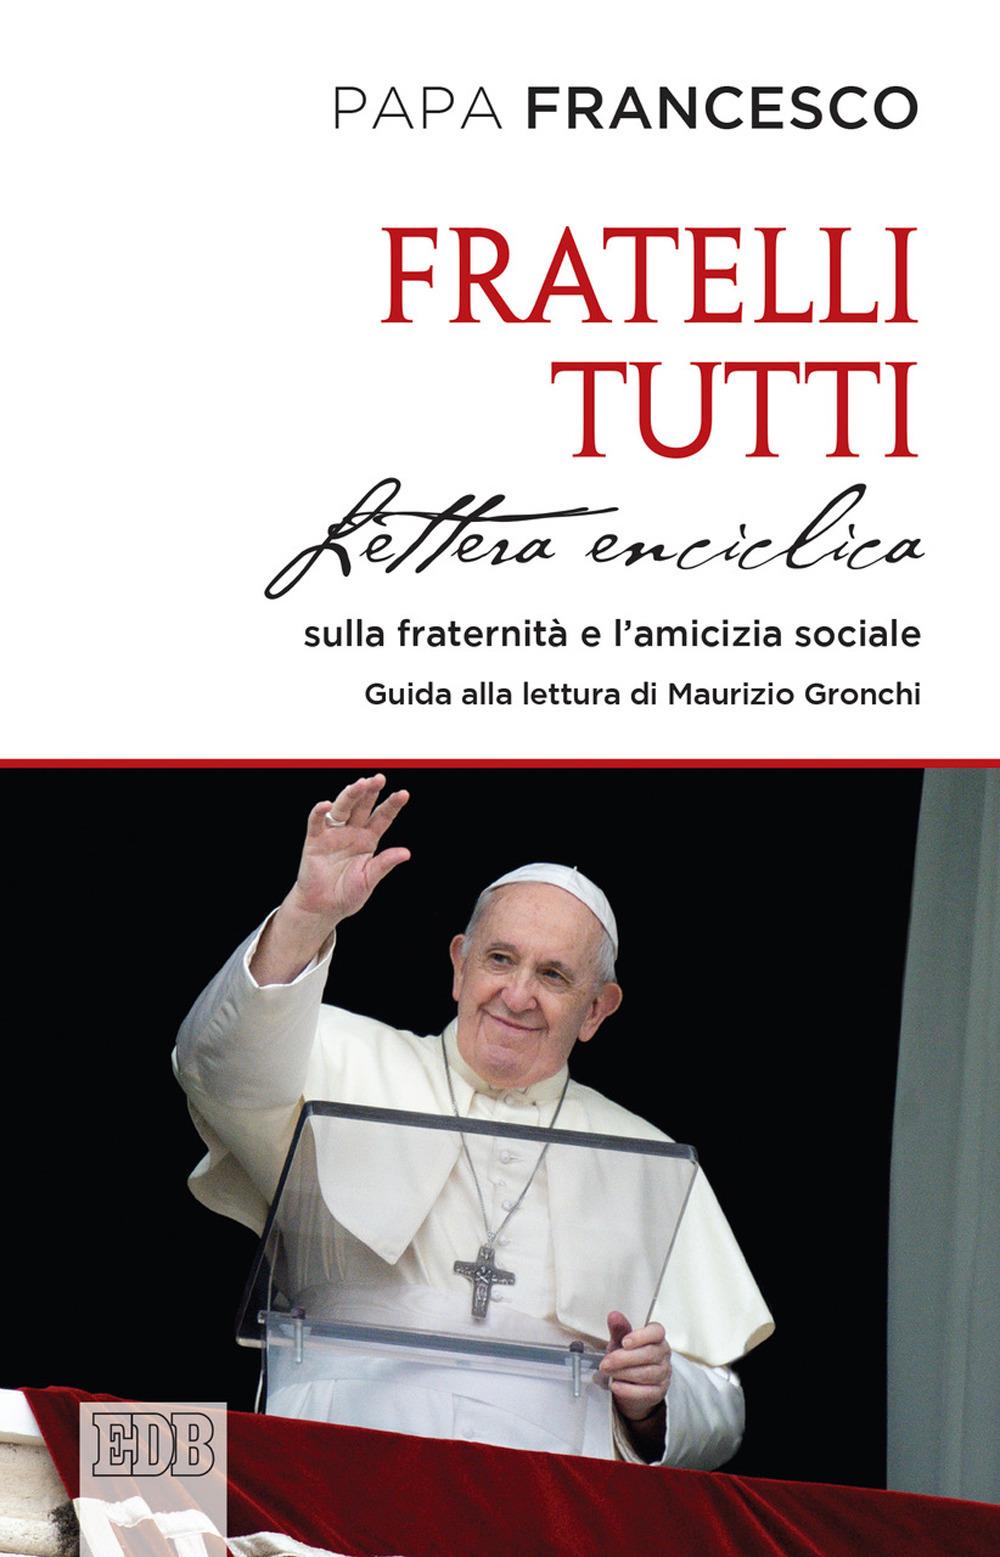 FRATELLI TUTTI. LETTERA ENCICLICA SULLA FRATERNITÀ E L'AMICIZIA SOCIALE - Francesco (Jorge Mario Bergoglio) - 9788810113813